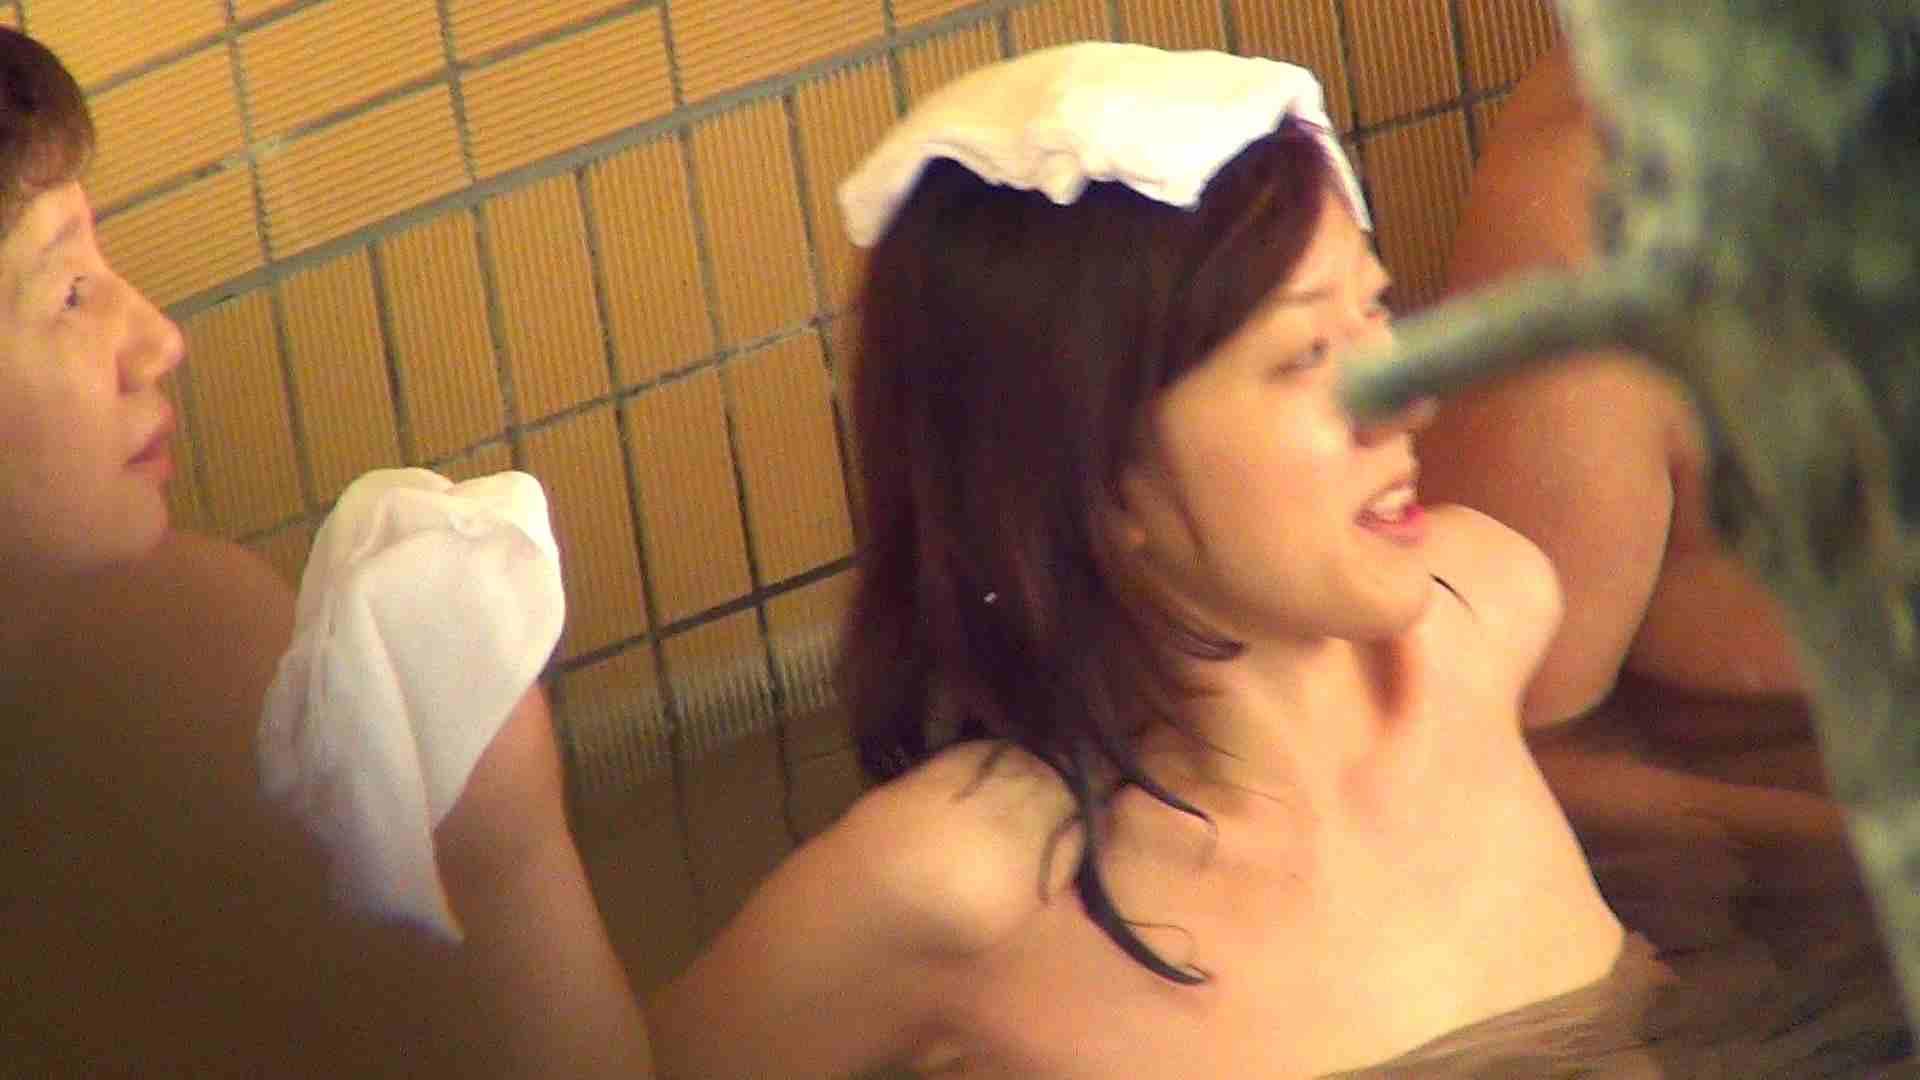 Vol.47 oyakoで登場 スレンダーだけどしっかりしたオッパイ 美女  24pic 21